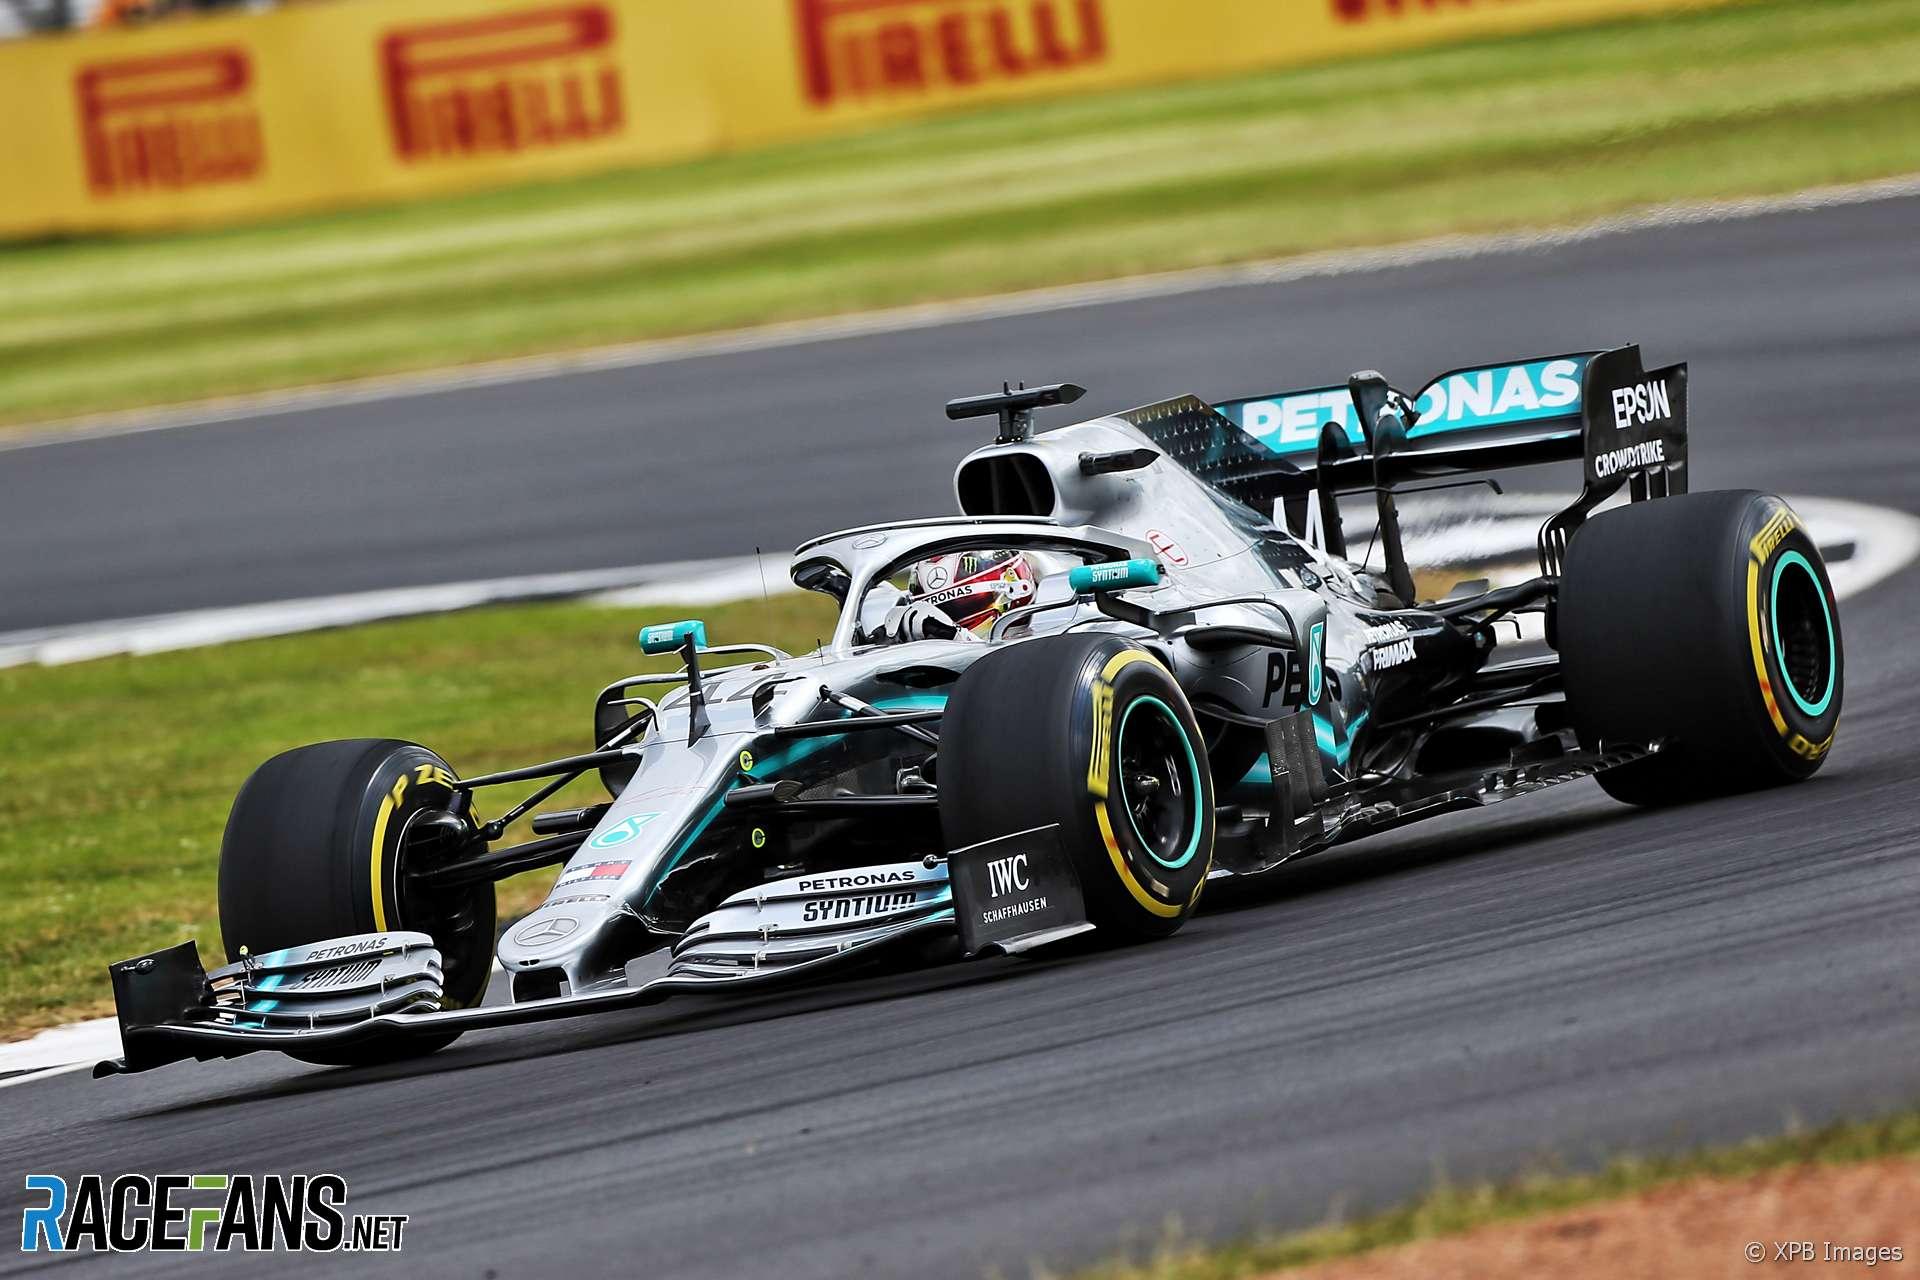 Lewis Hamilton, Mercedes, Silverstone, 2019